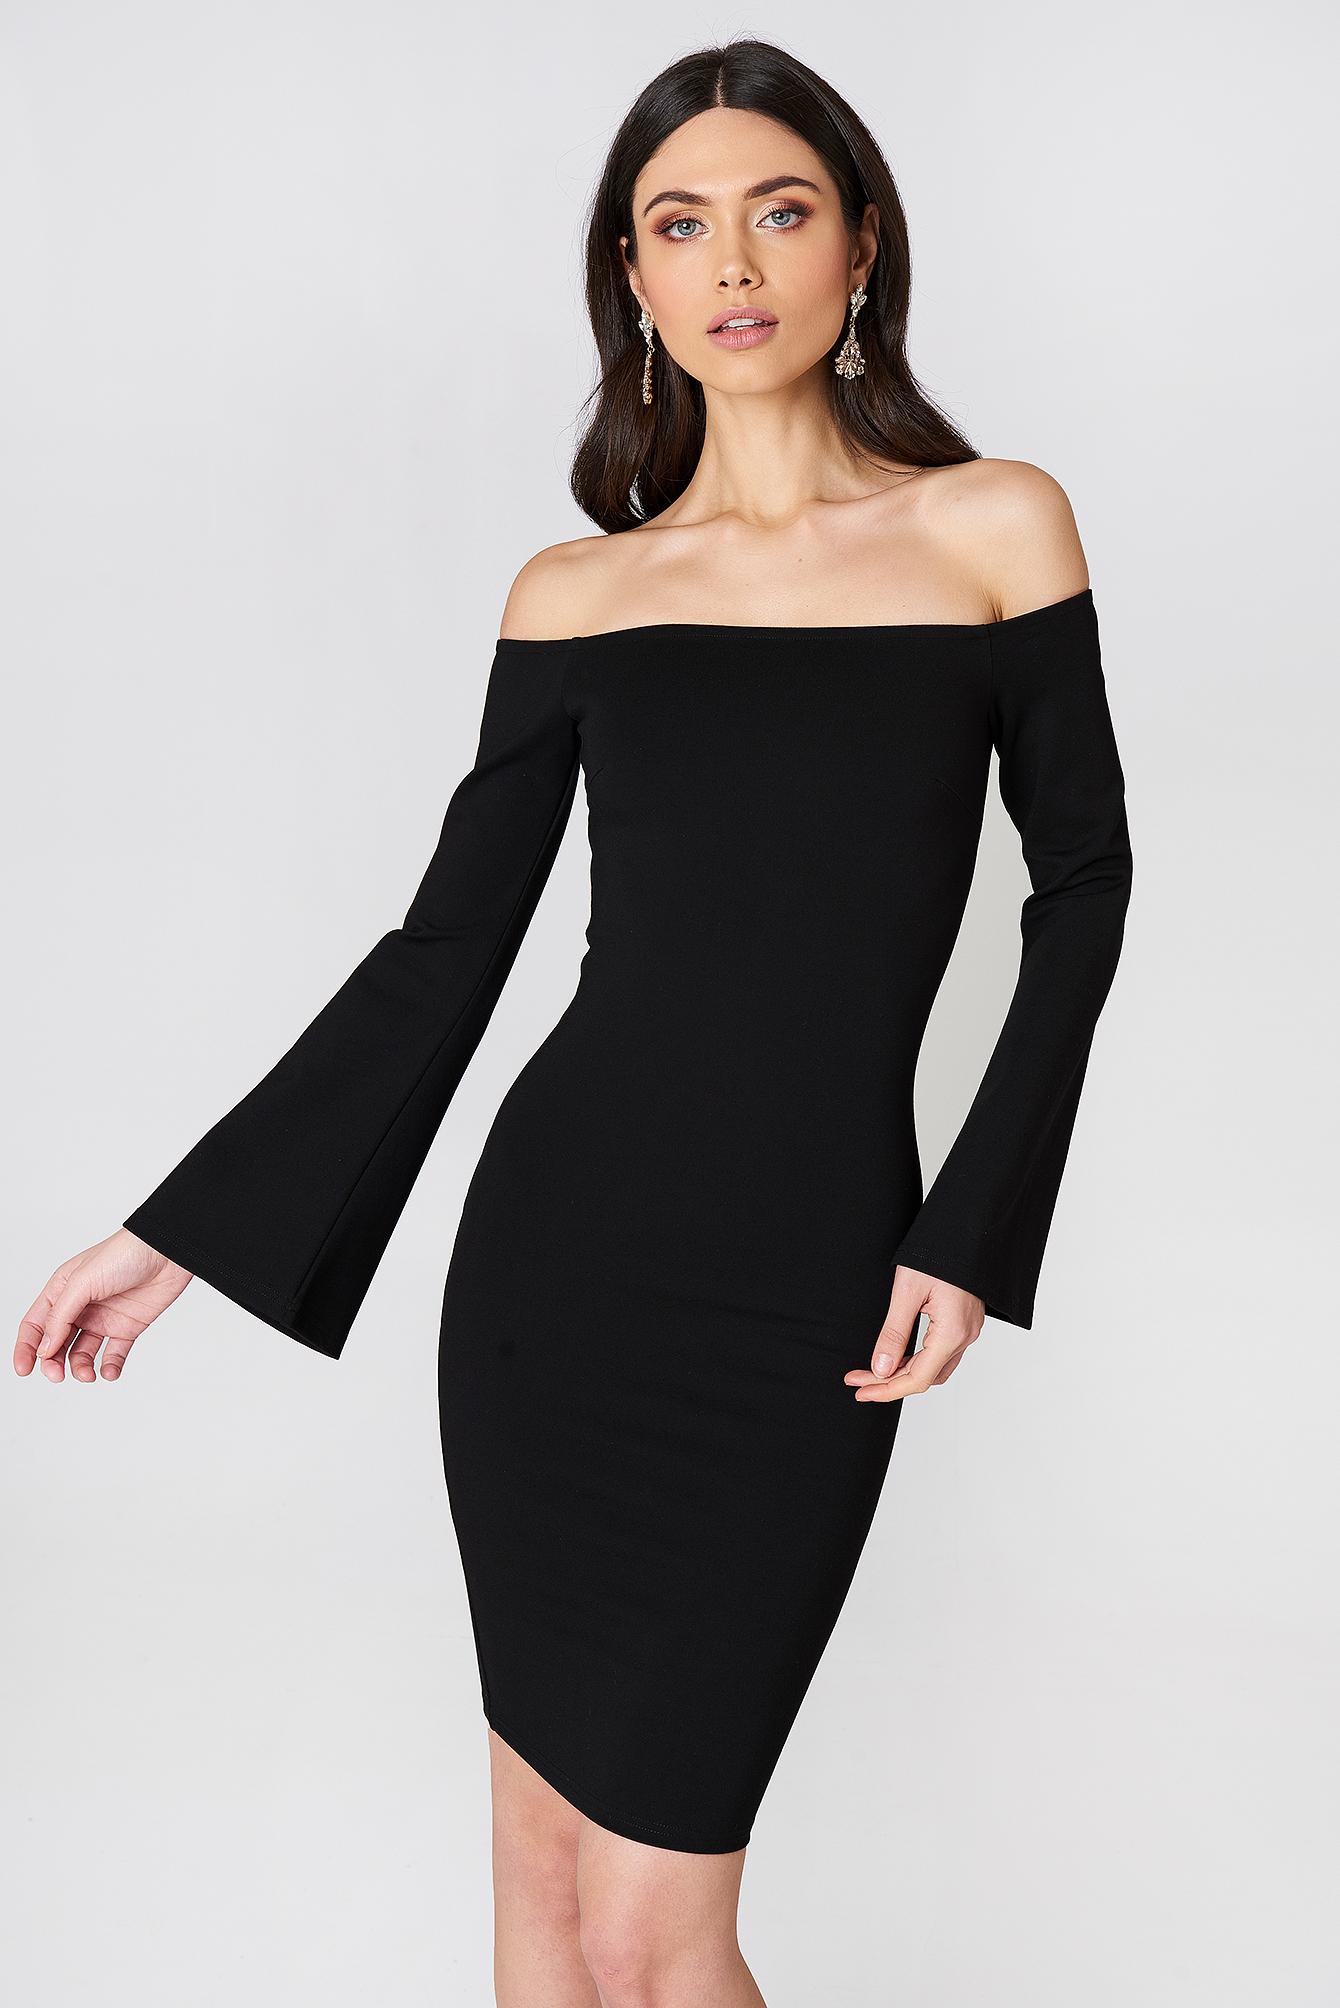 Offshoulder Trumpet Sleeve Dress - Black